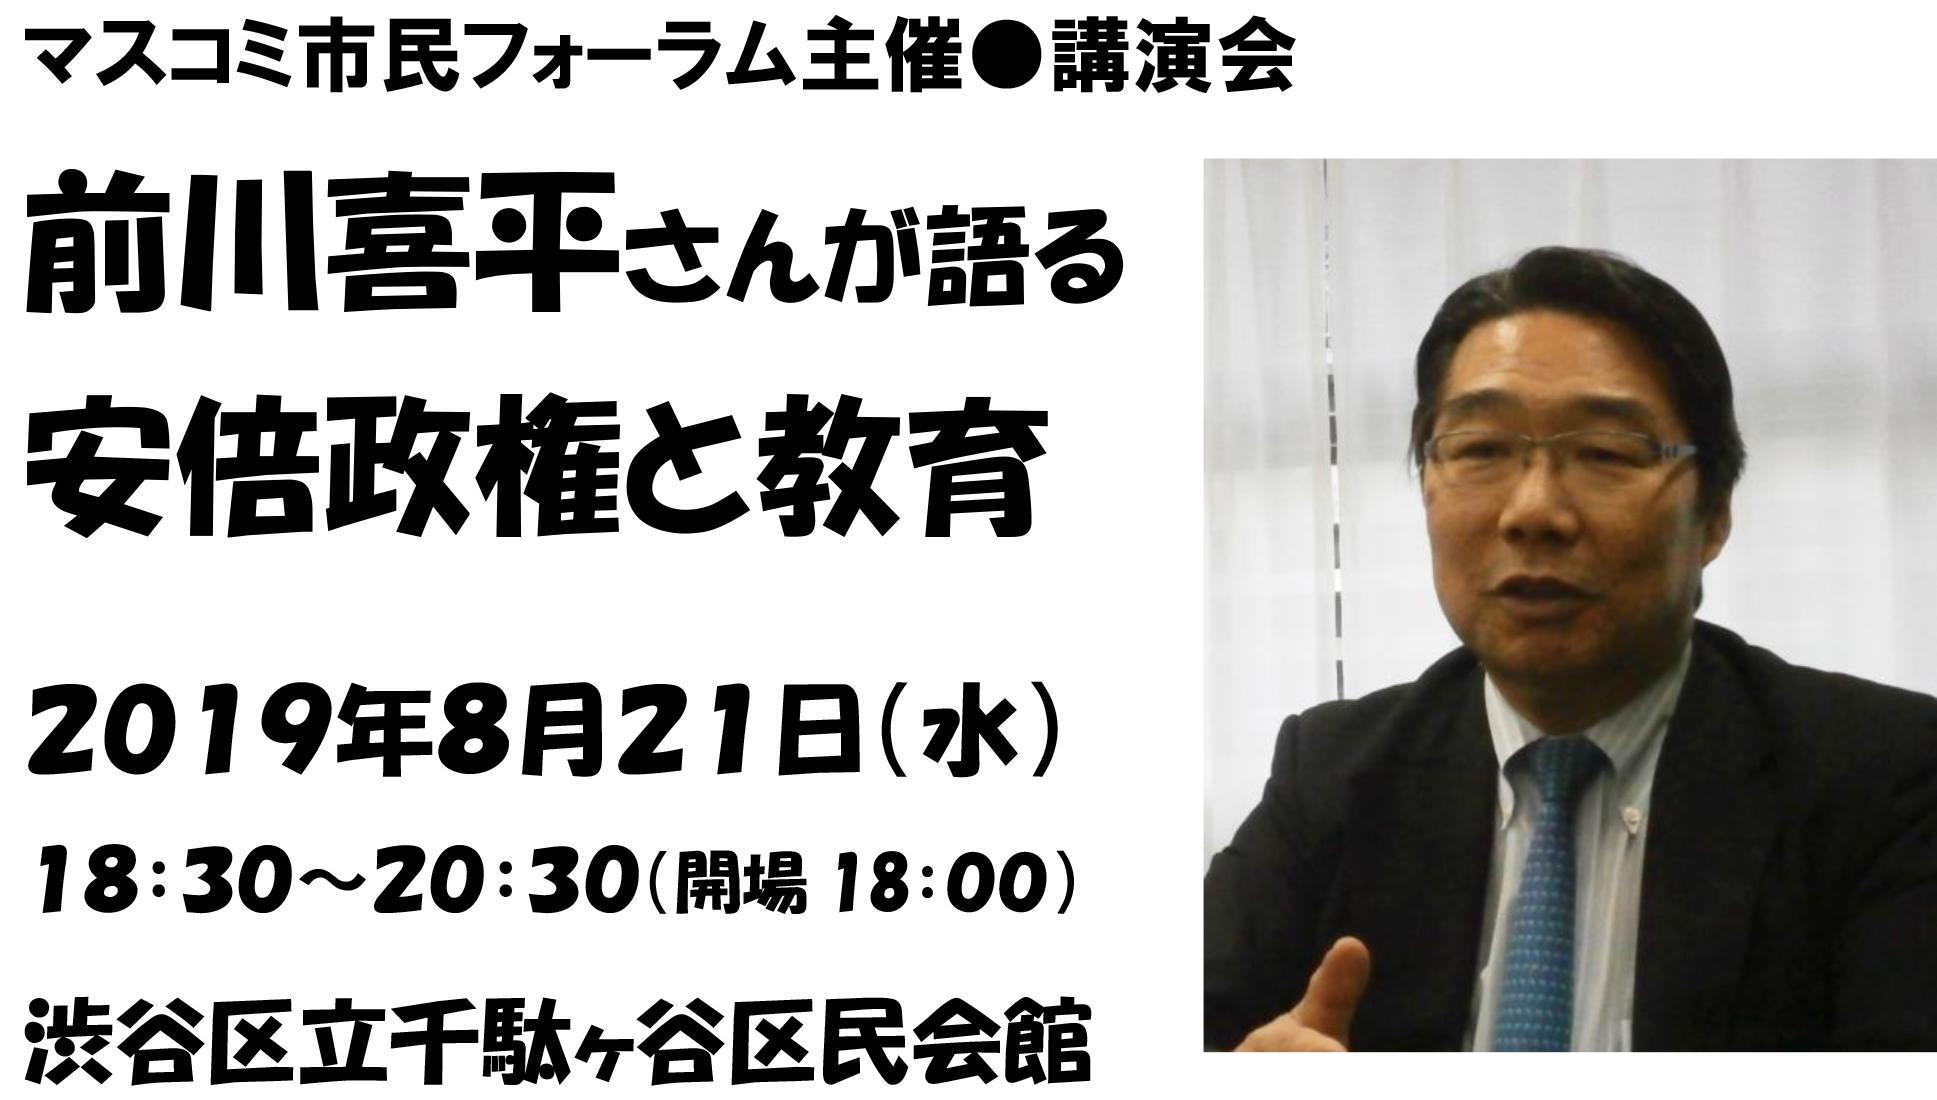 マスコミ市民講演会 前川喜平さんが語る「安倍政権と教育」のイメージ